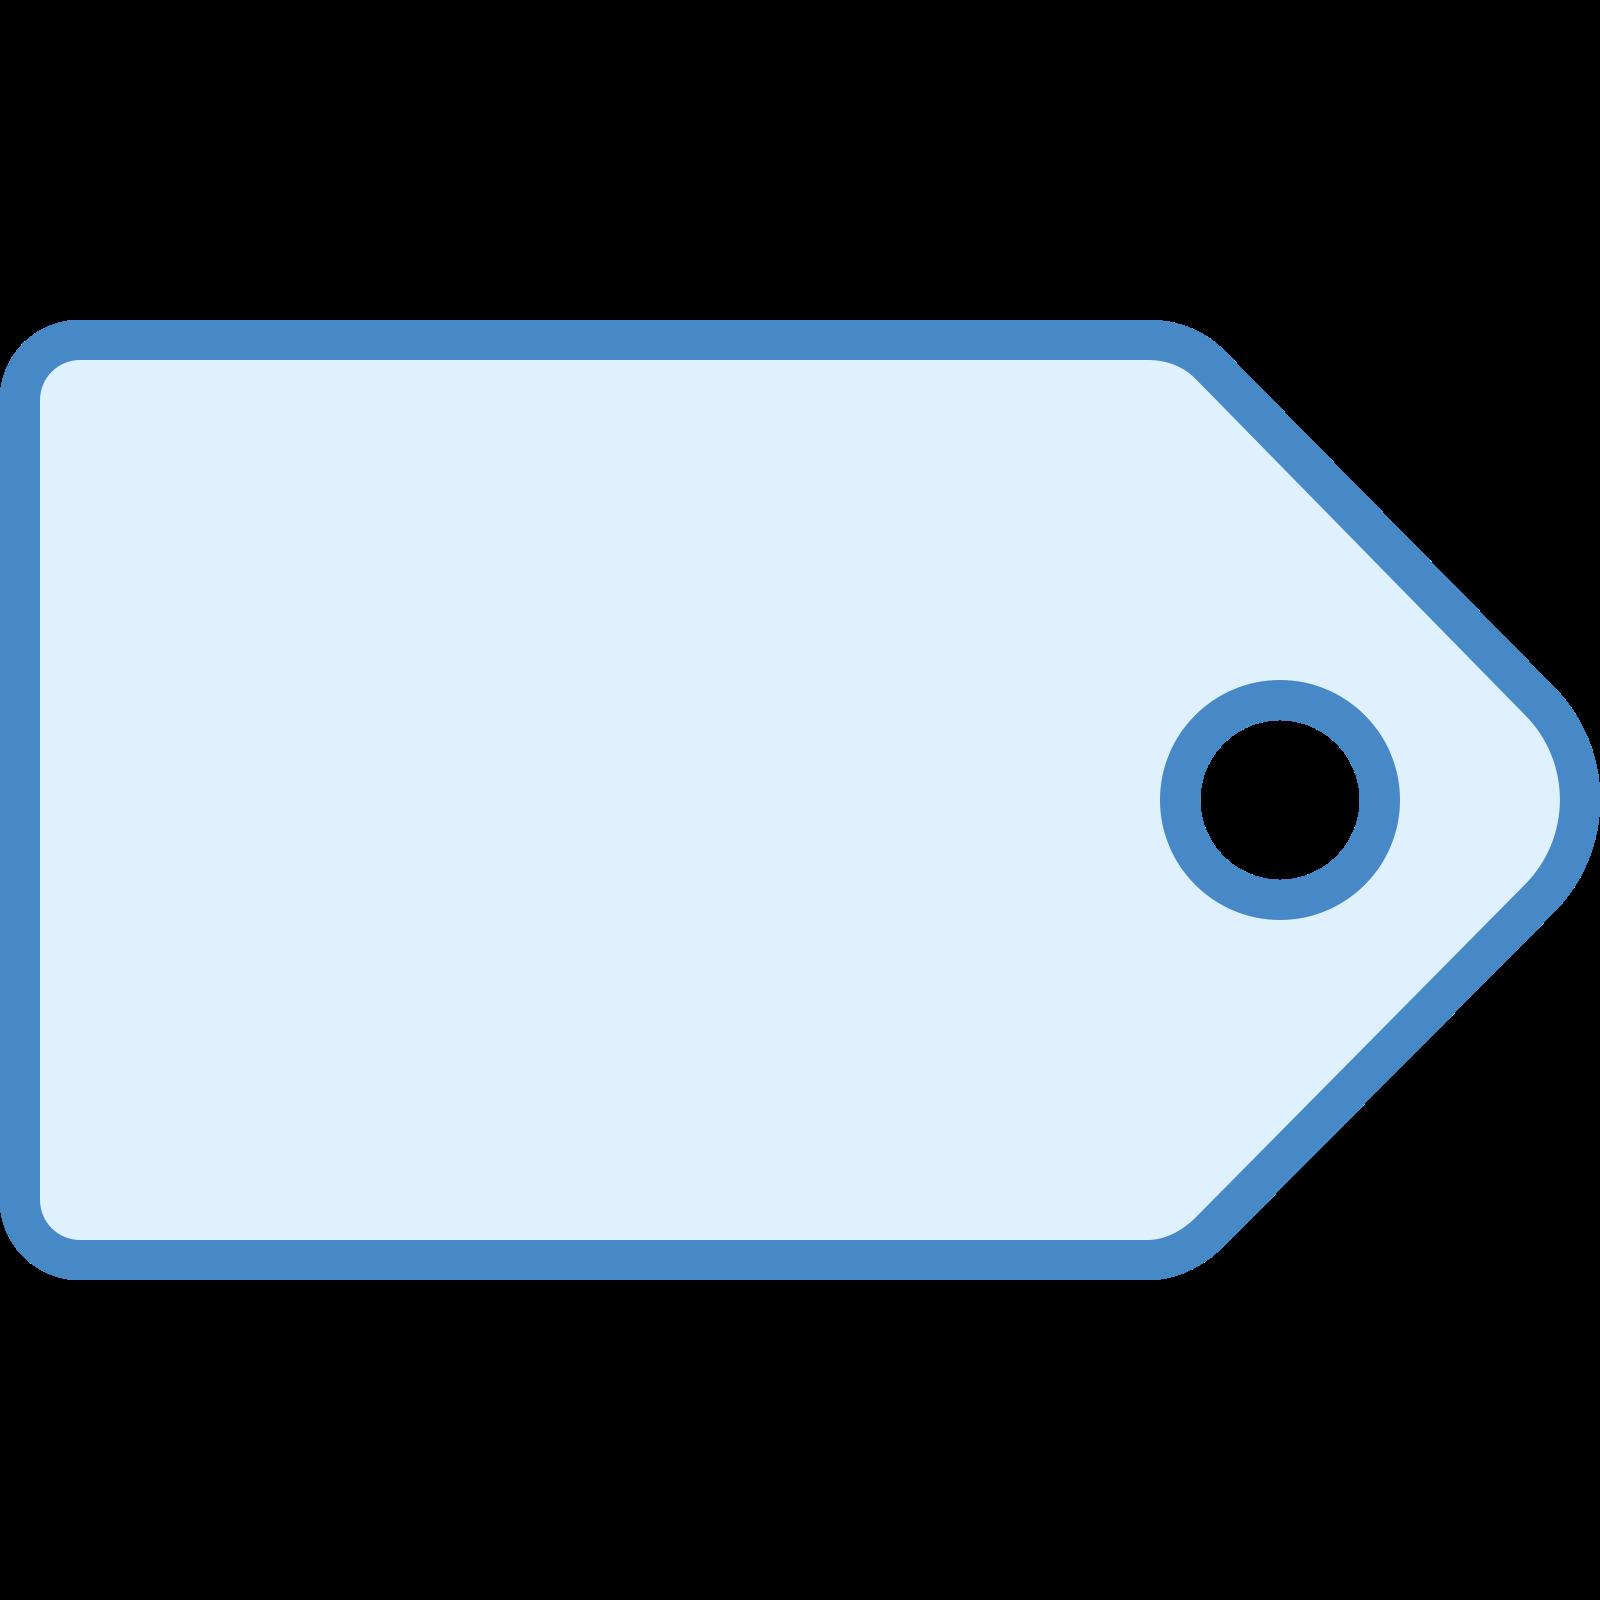 Étiquette icon